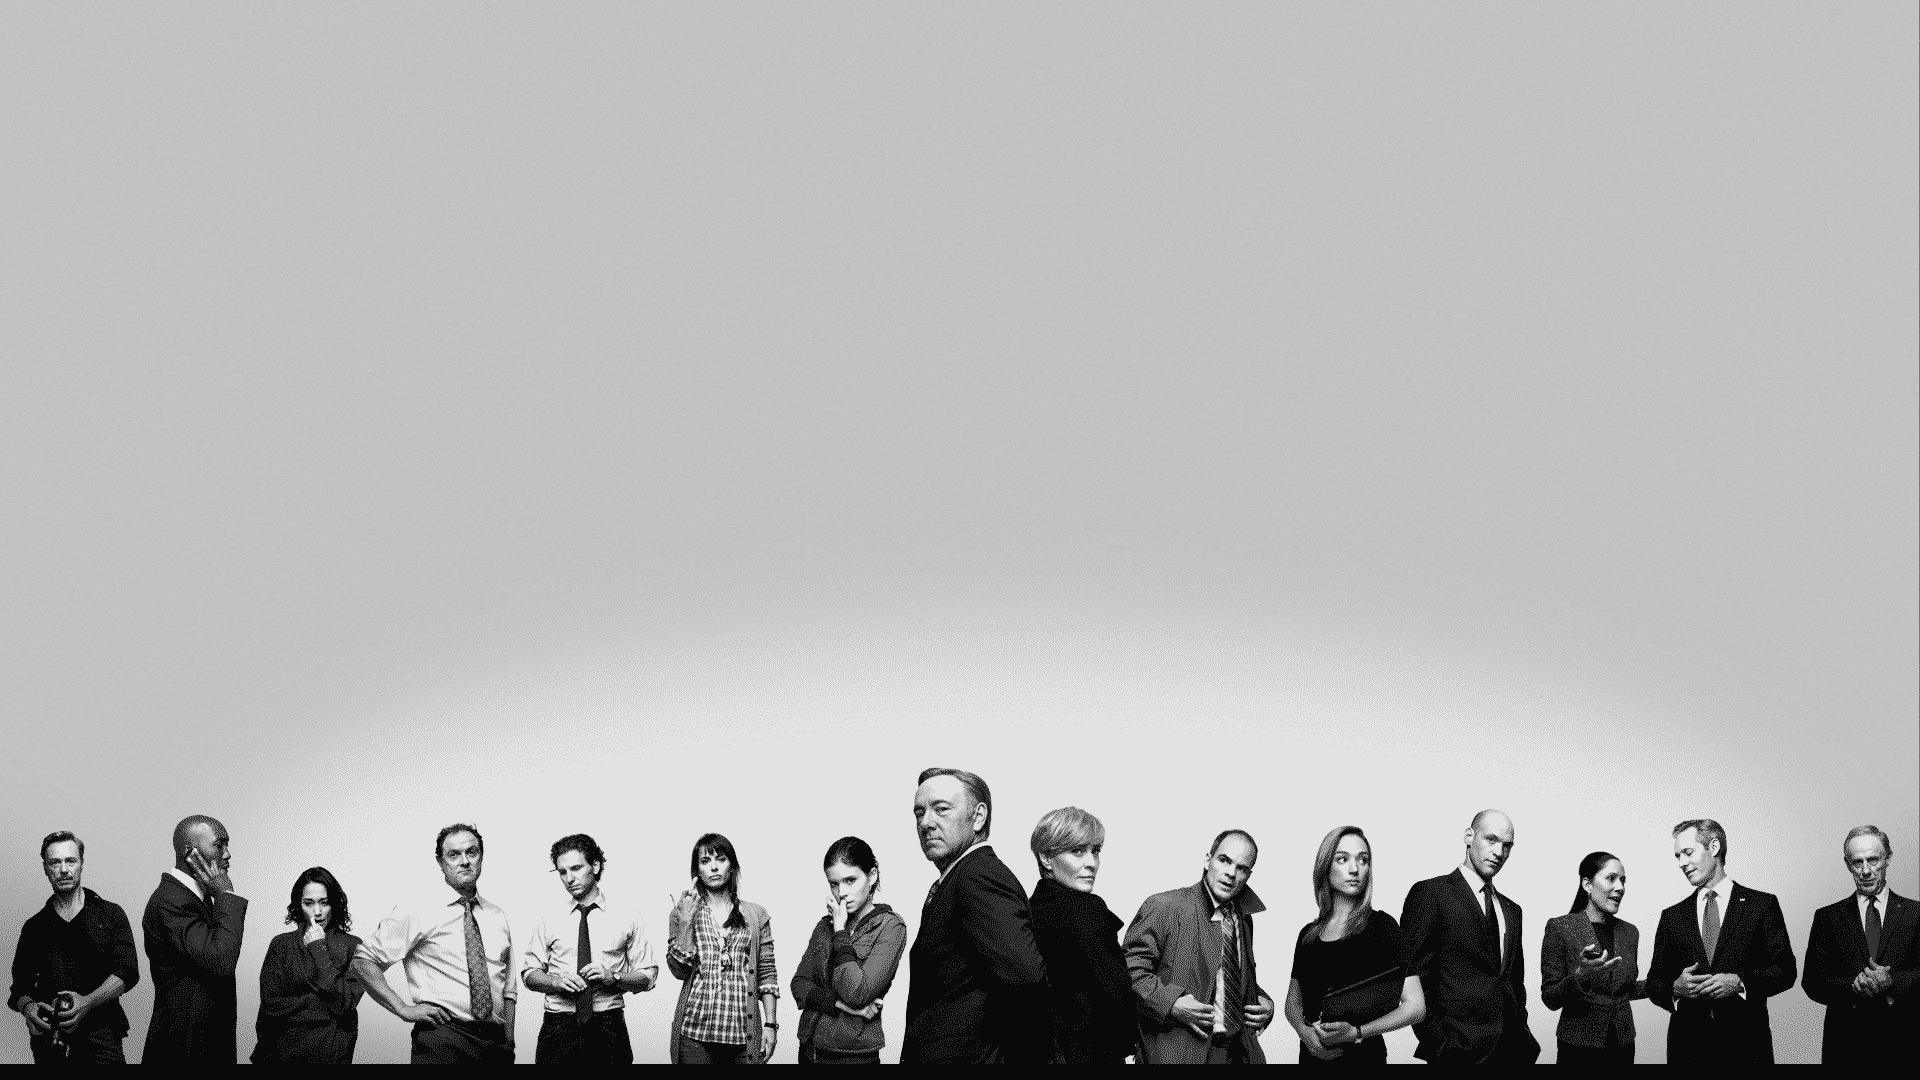 El elenco de House of Cards a través de los años